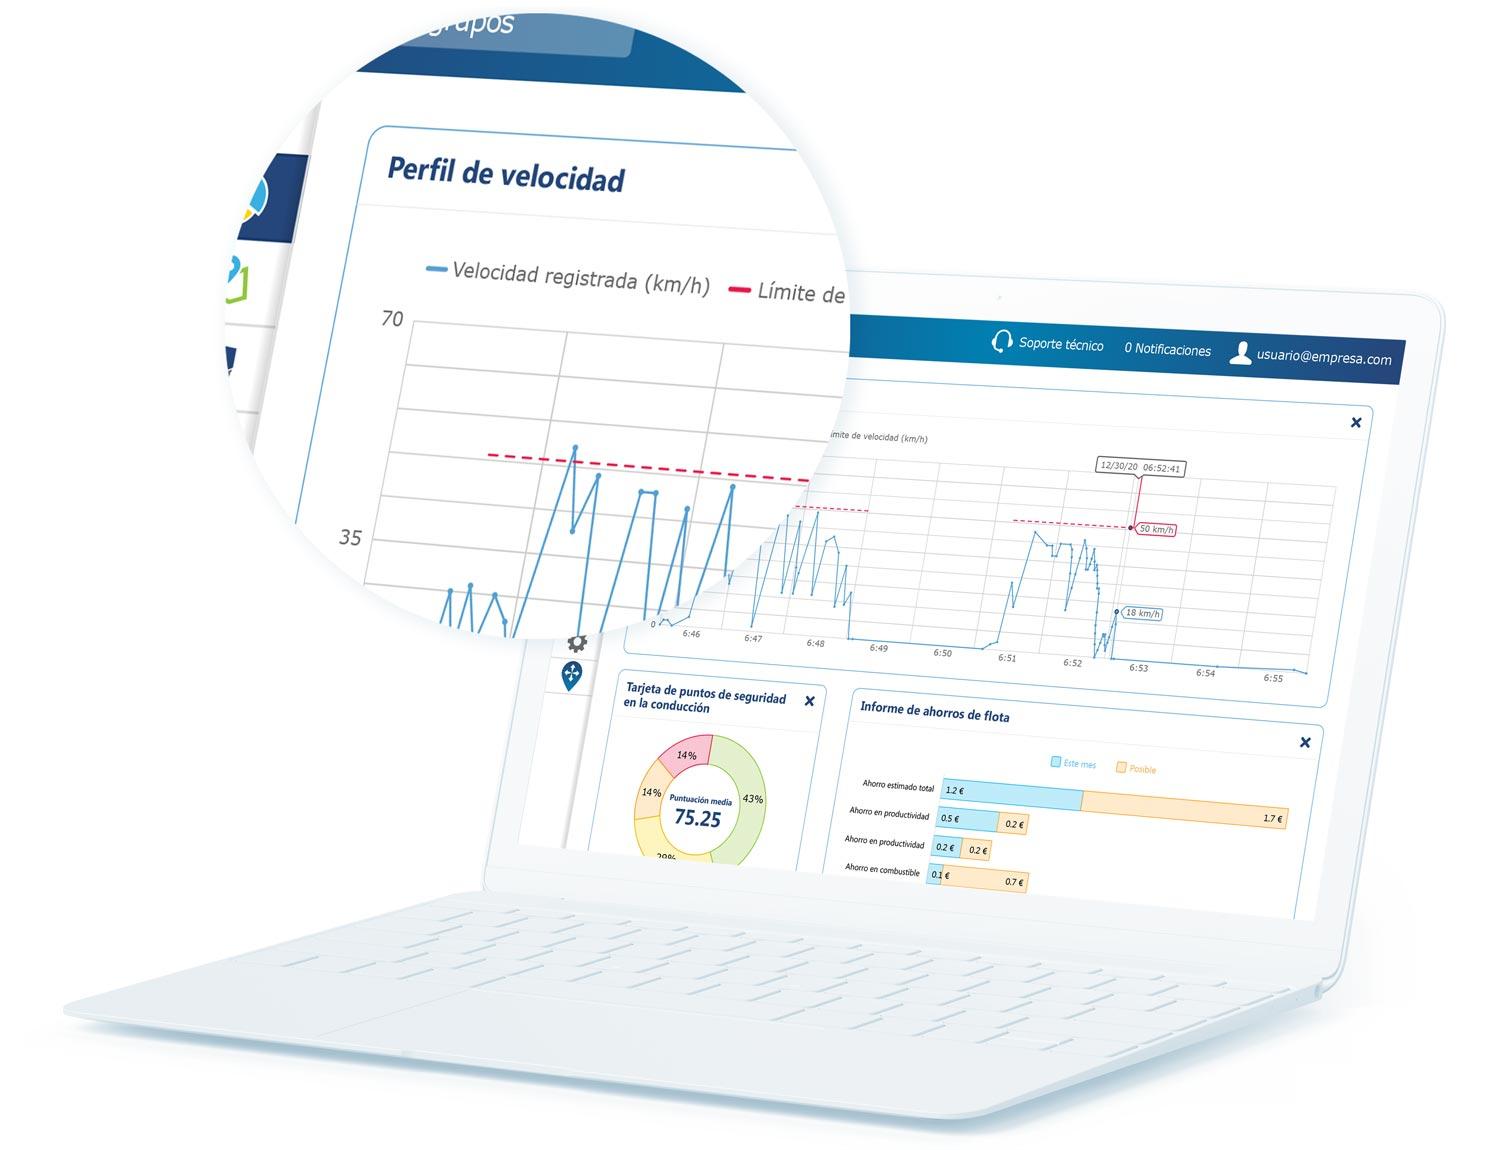 Informe de perfil de velocidad en la interfaz de usuario de MyGeotab en un portátil blanco